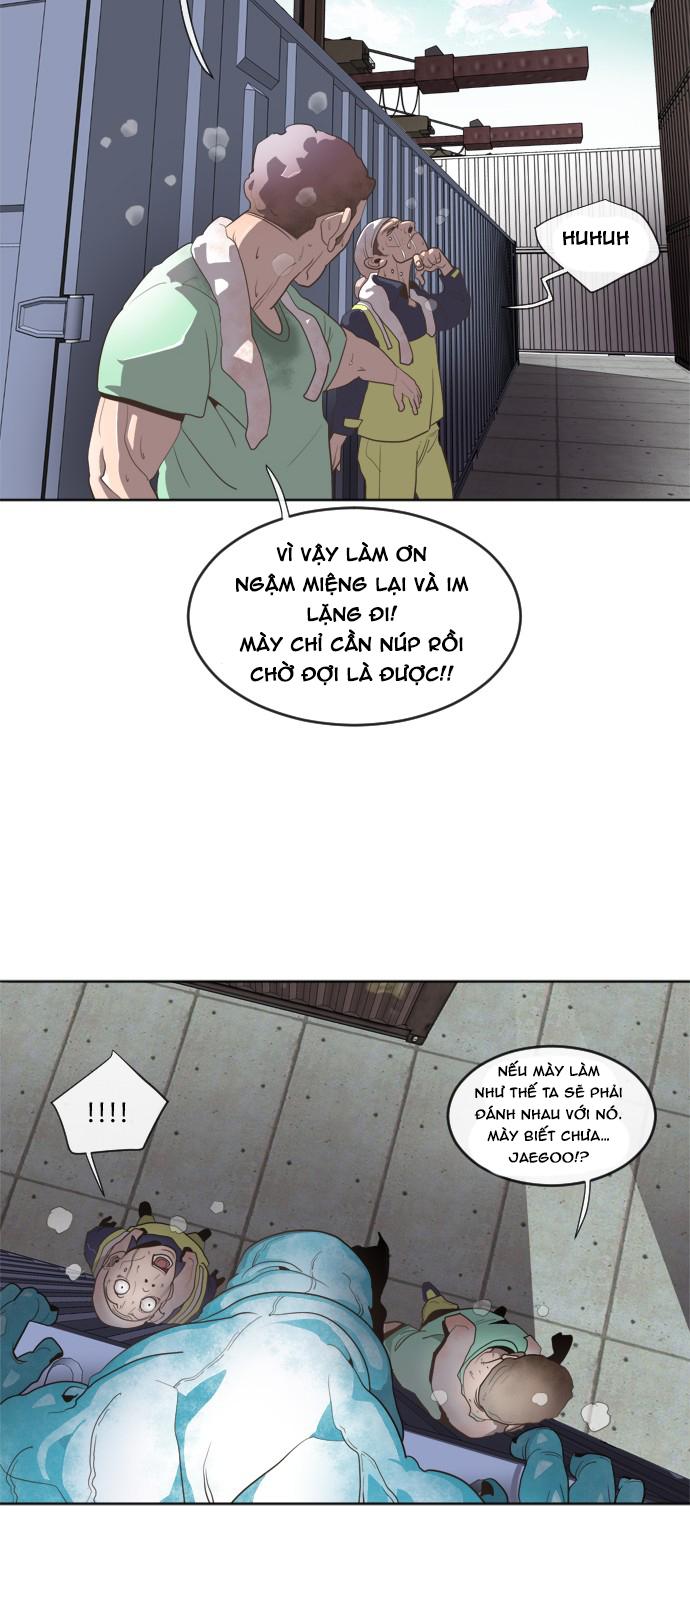 Kĩ Nguyên Của Anh Hùng chap 2 - Trang 48